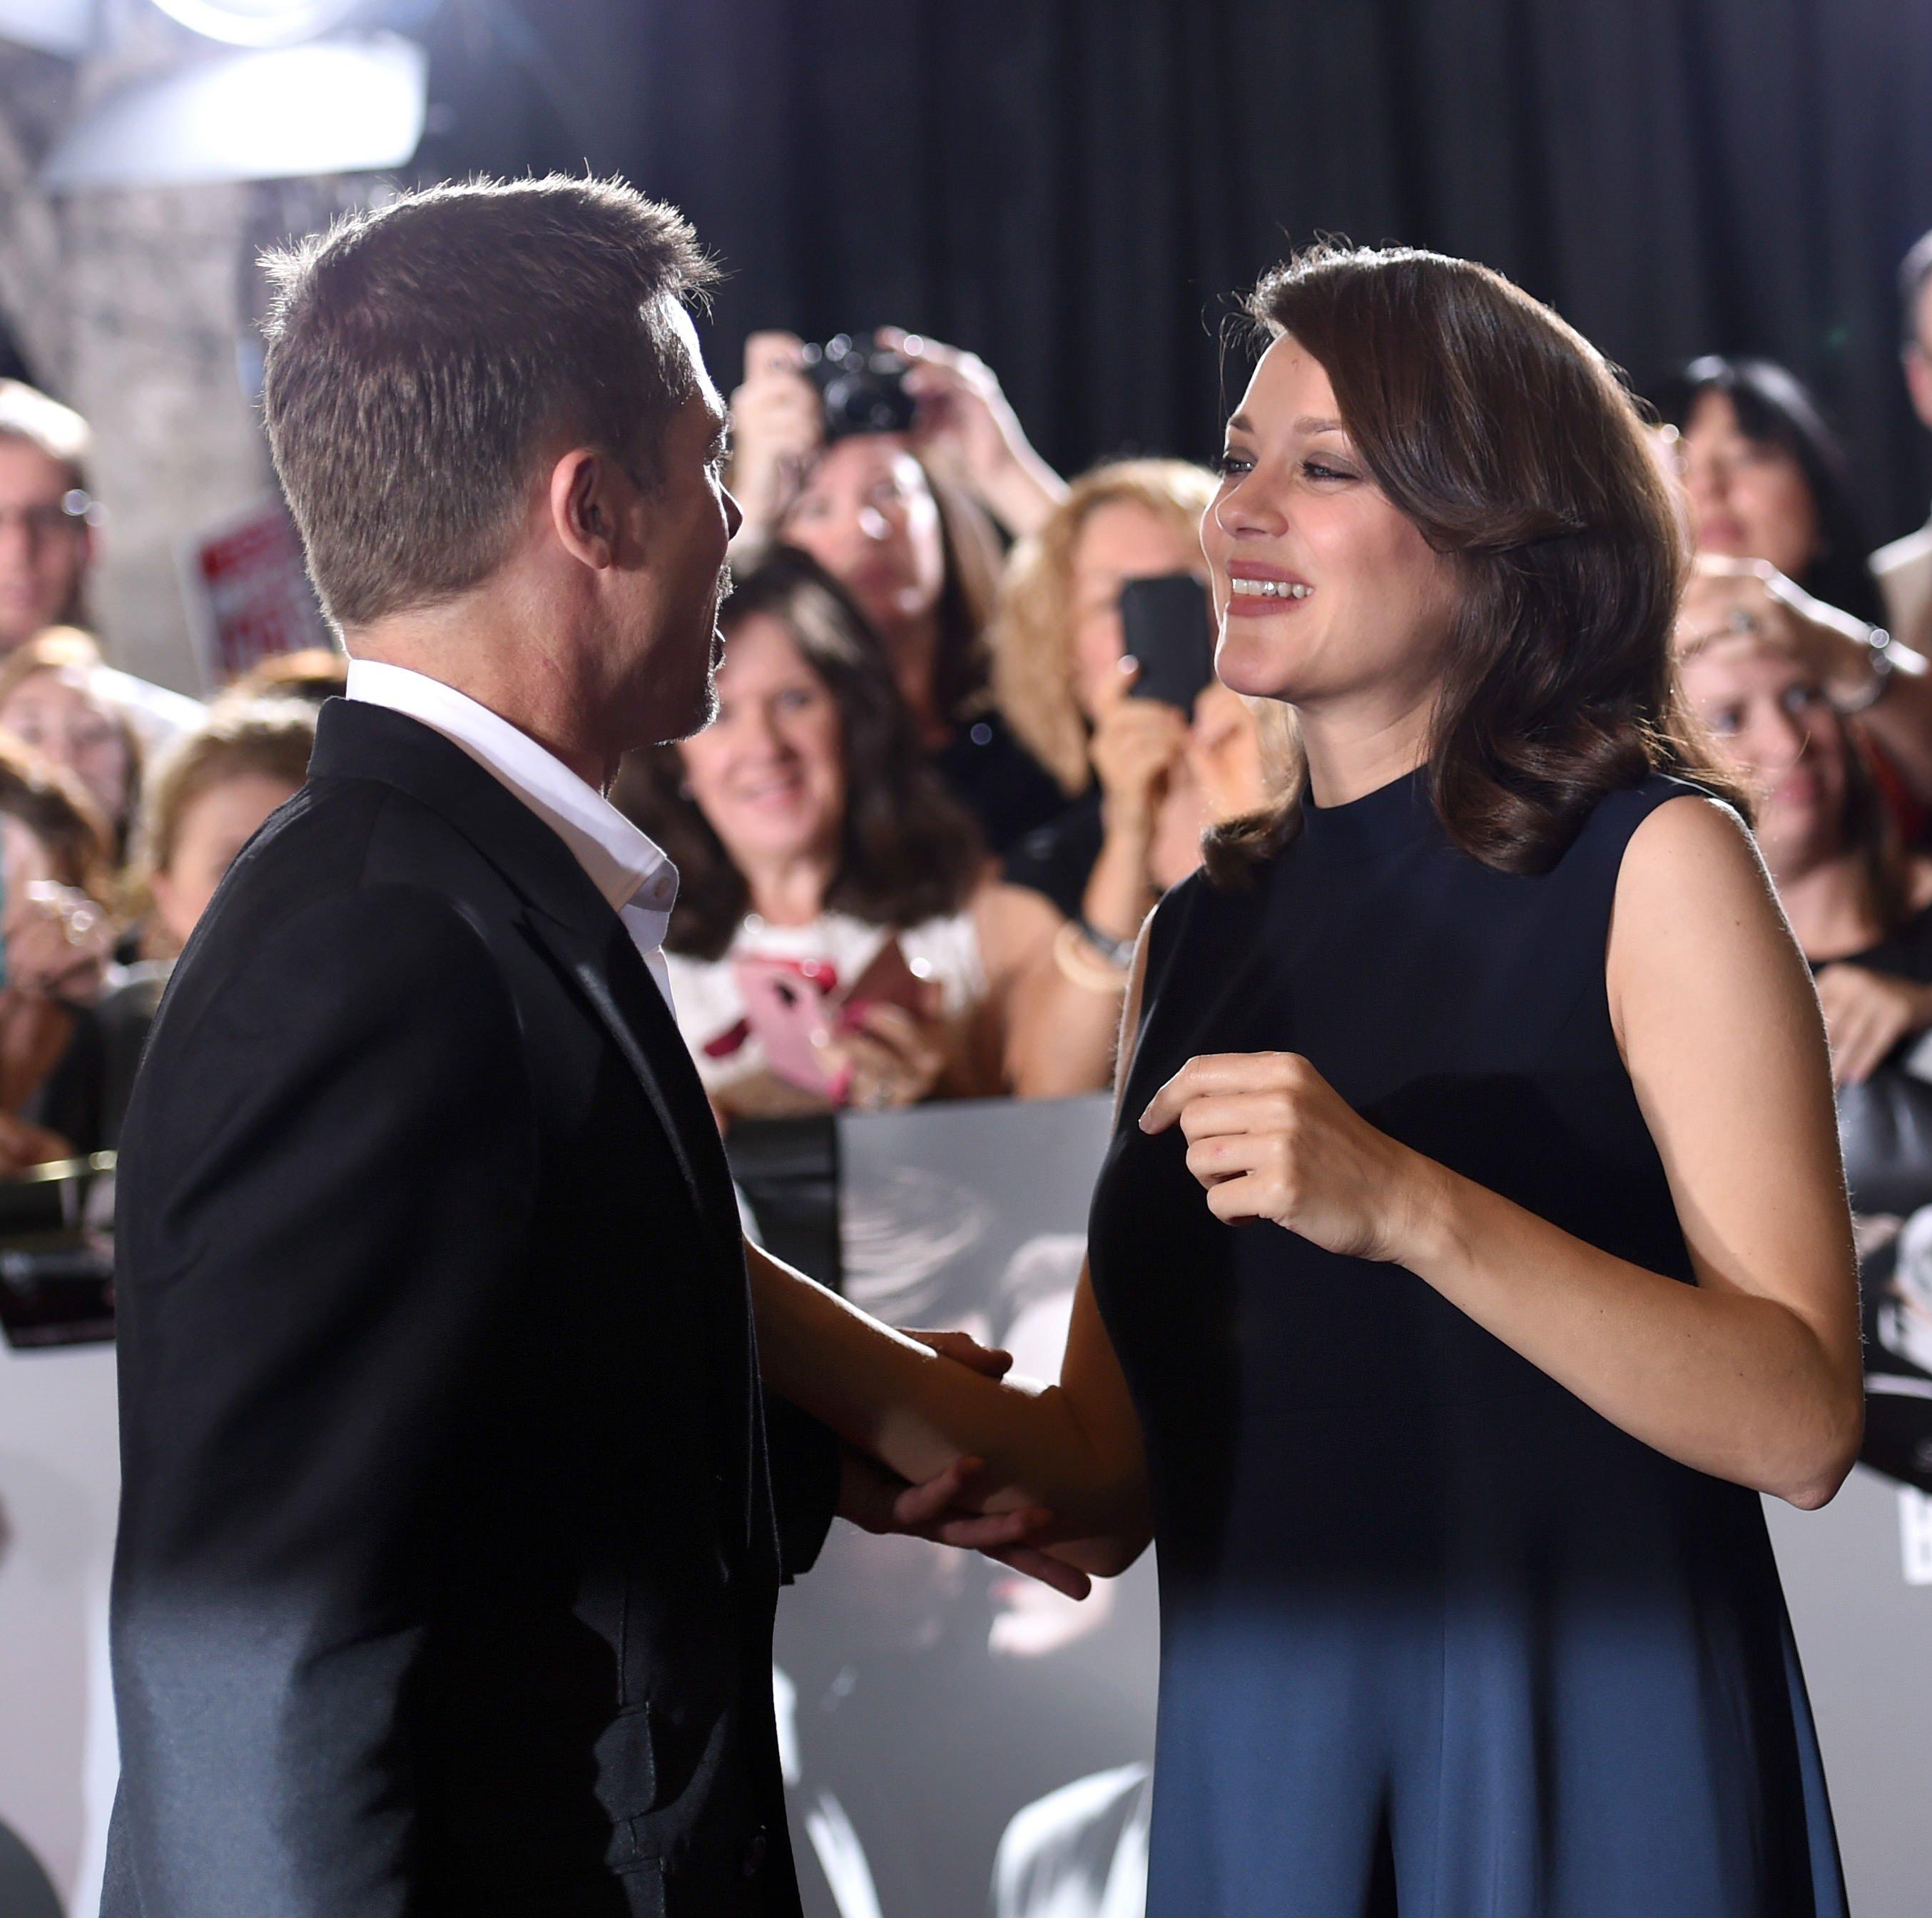 Aşk Yaşadıkları Iddia Edilen Brad Pitt Ve Marion Cotillard Ilk Kez